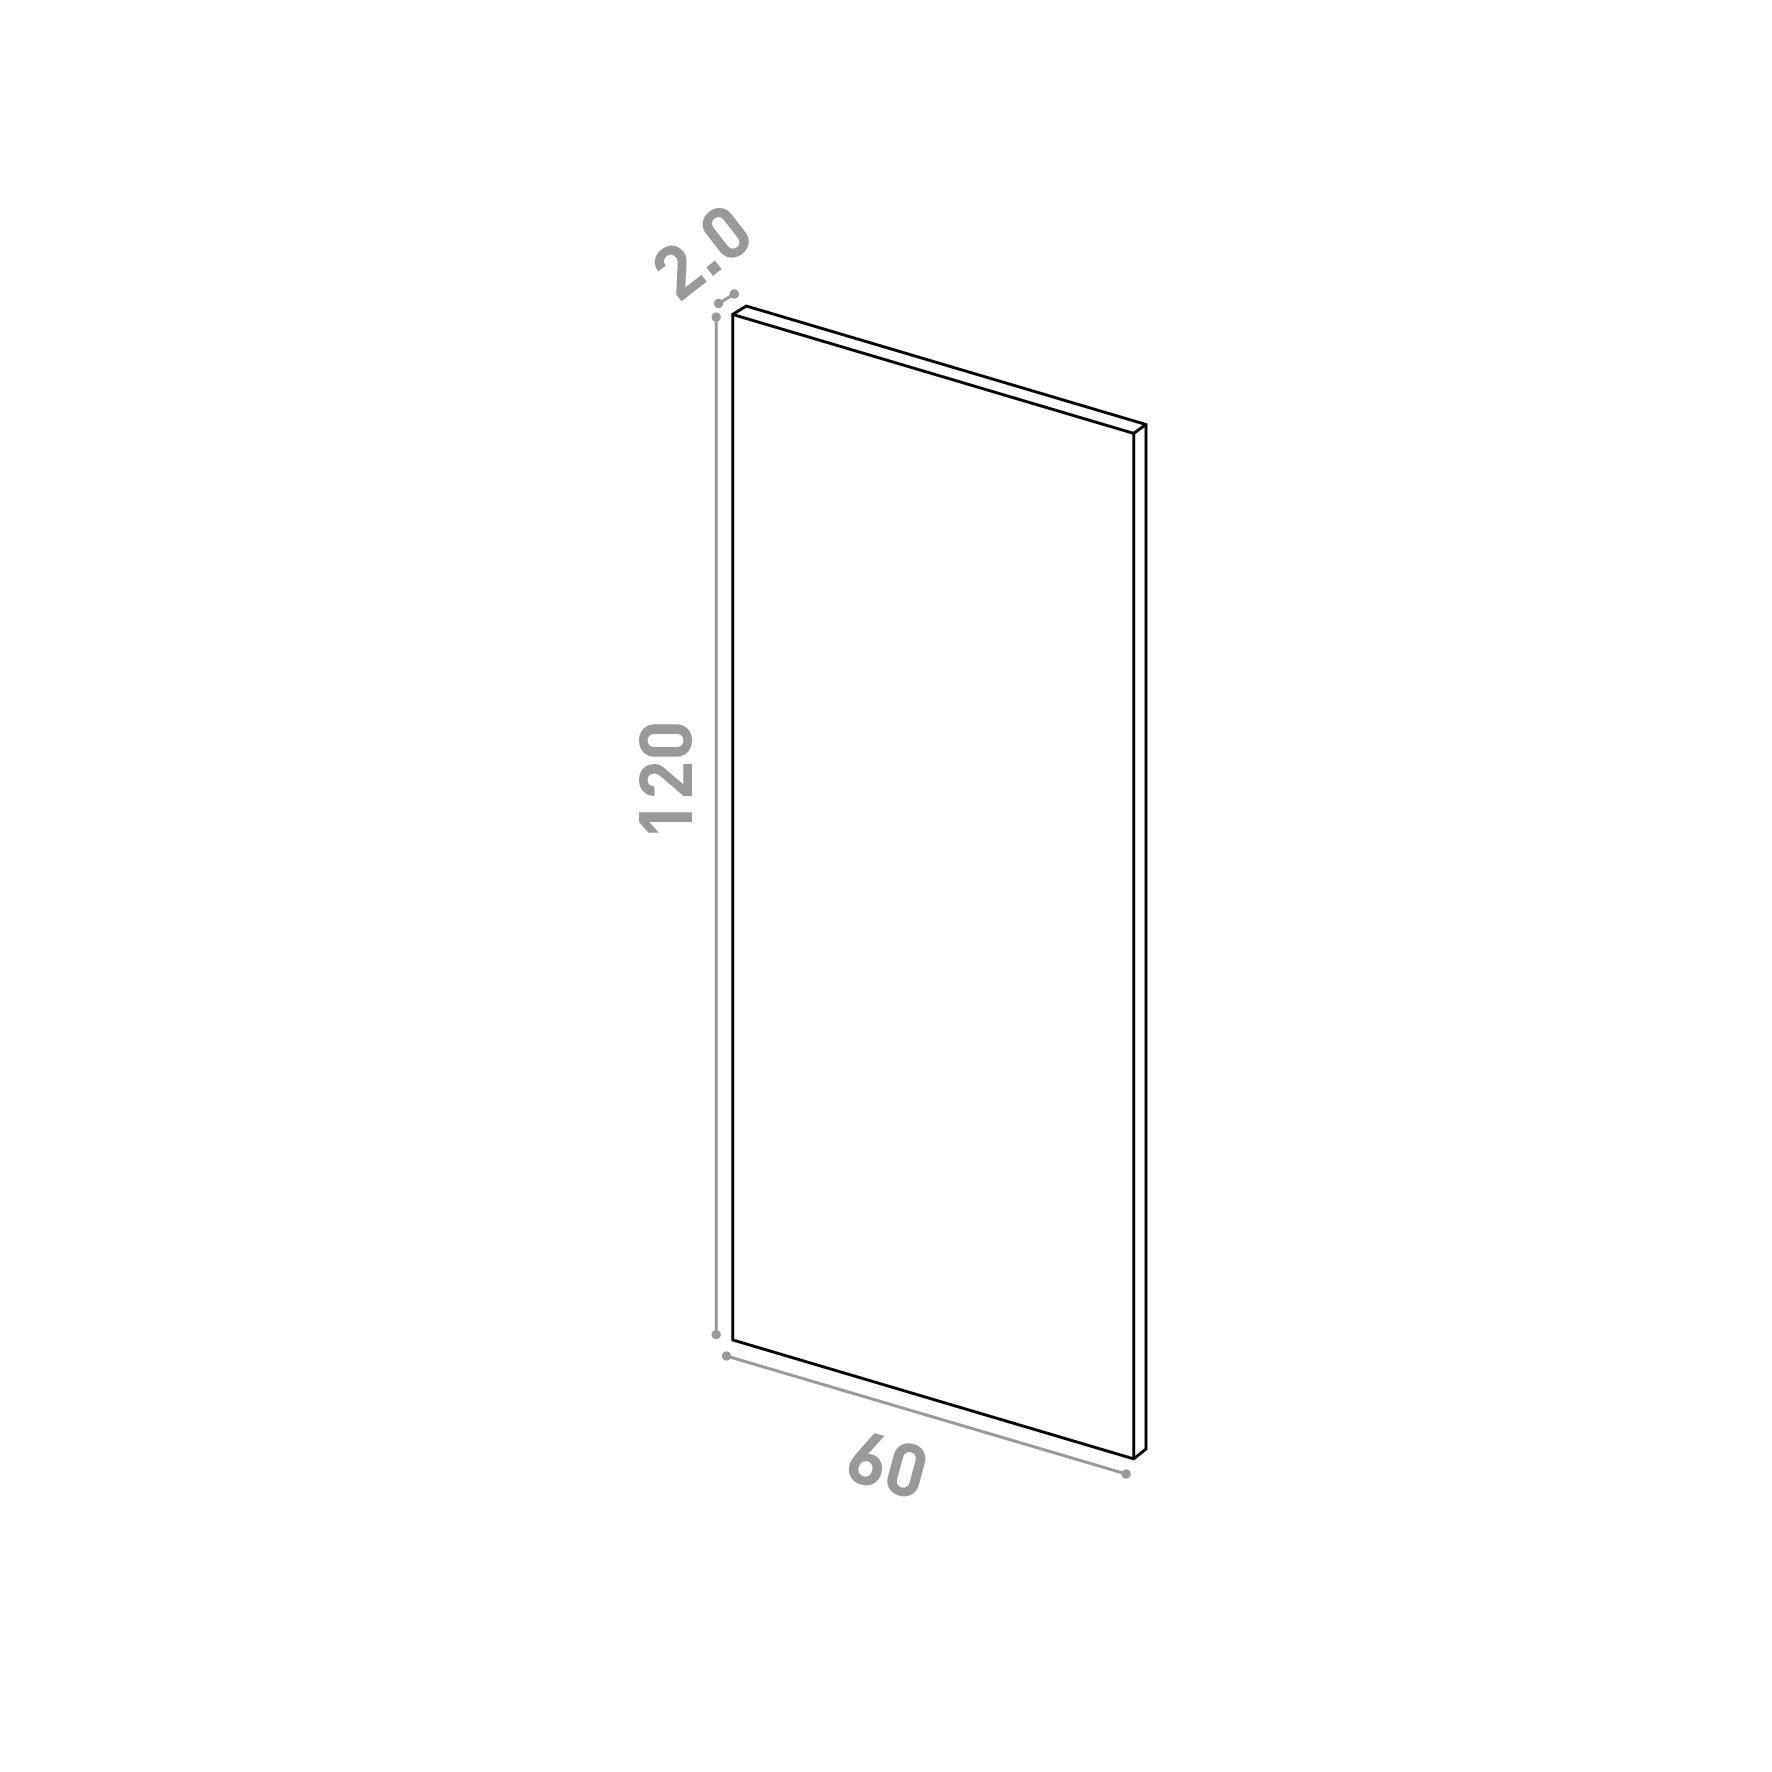 Porte 60X120cm   design lisse   noyer naturel